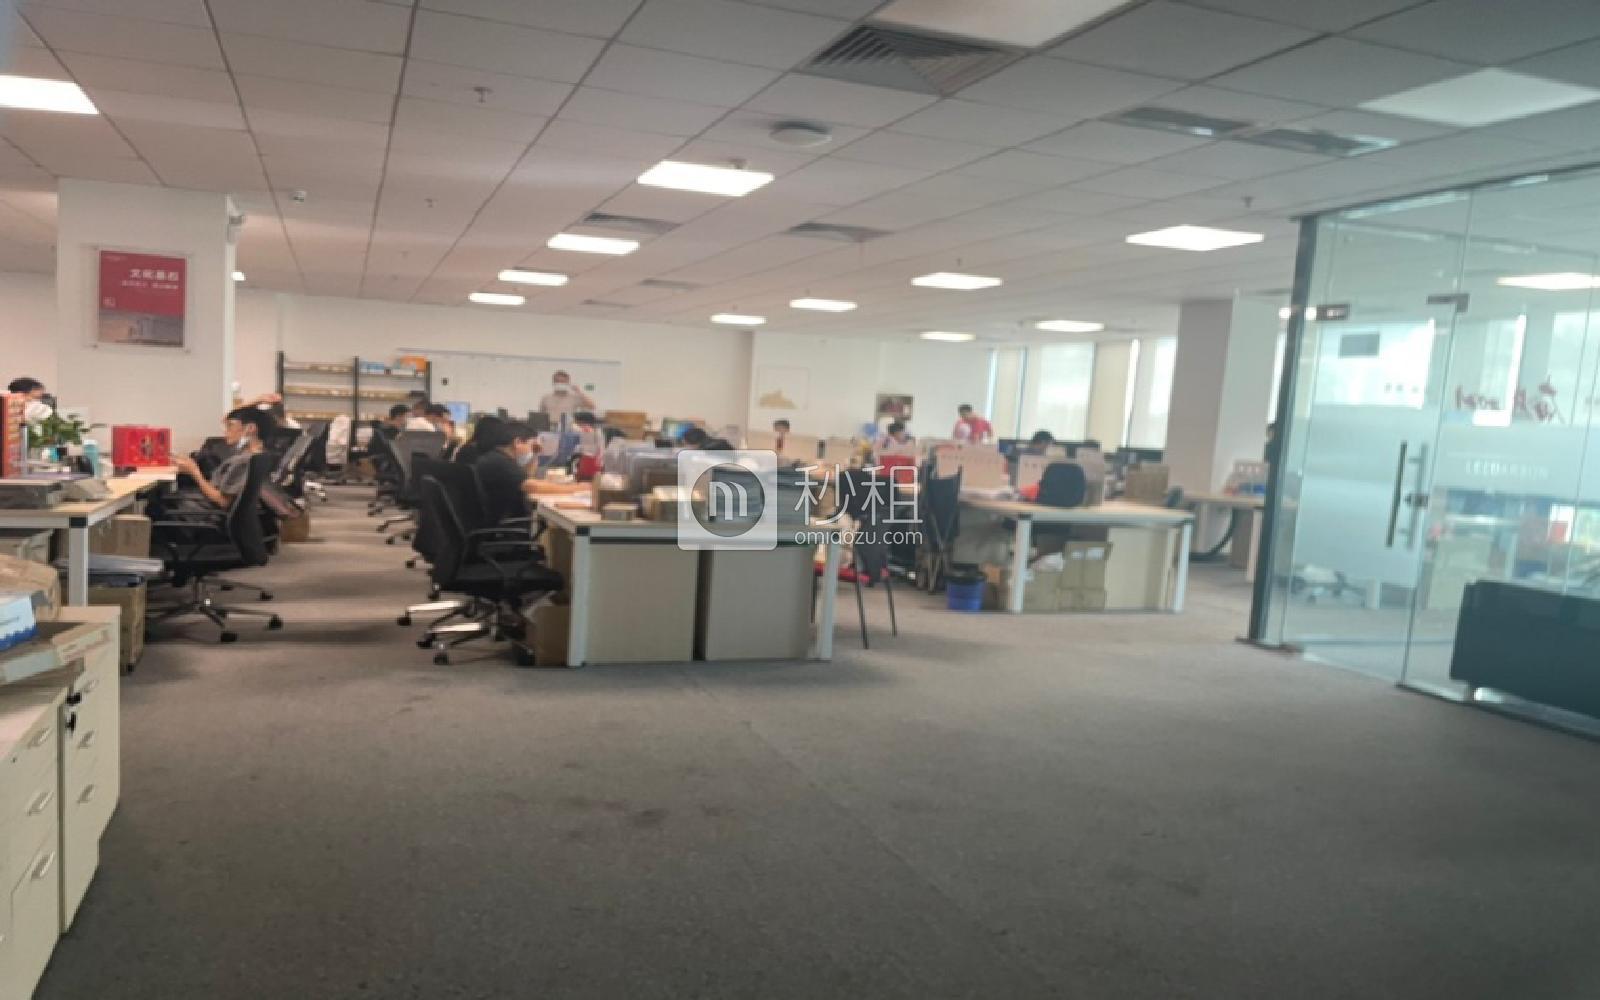 南山-后海 鵬潤達商業廣場 265m2